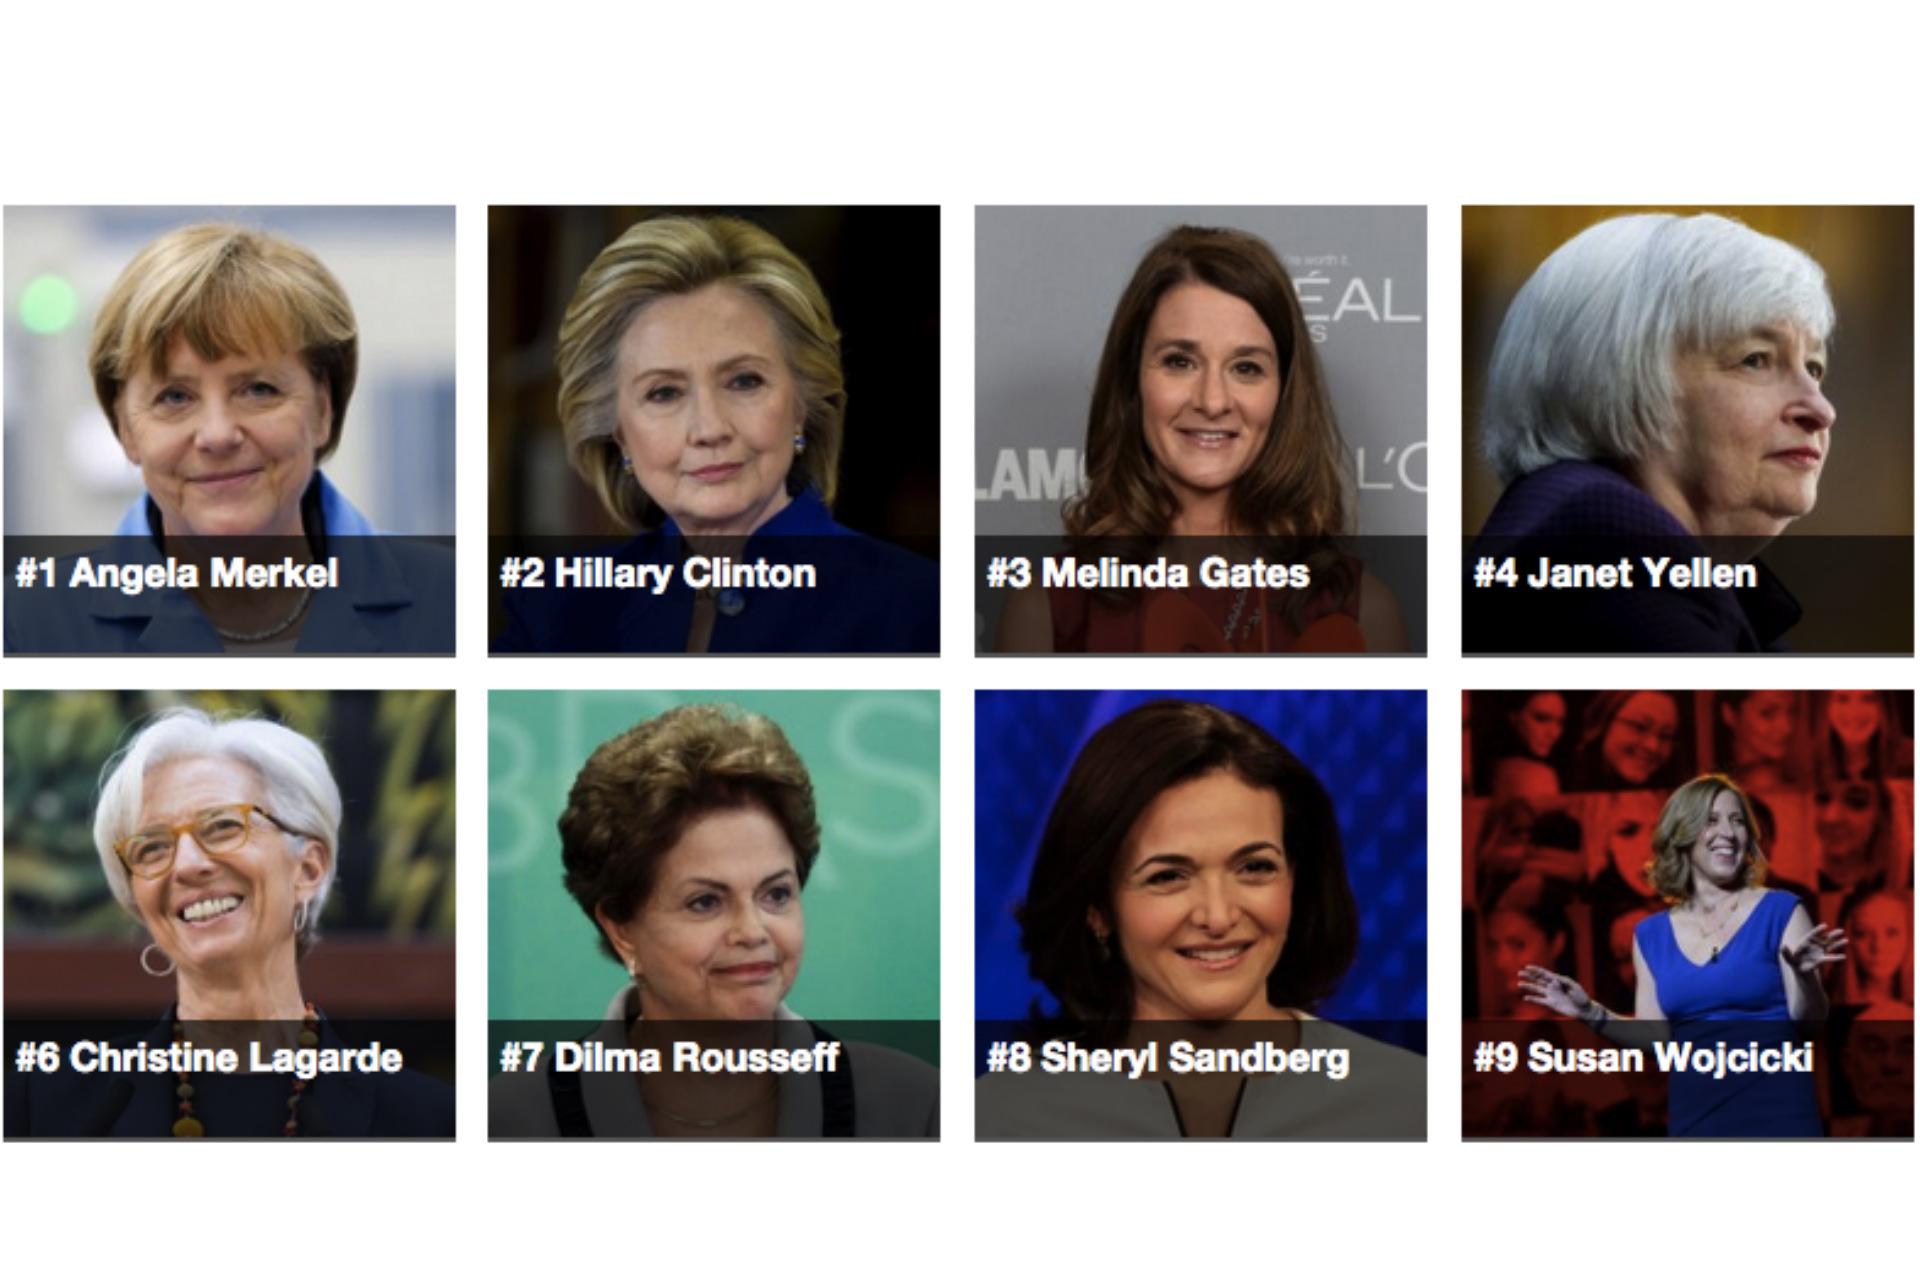 從 Forbes 最有權勢女性排行榜看女性影響力